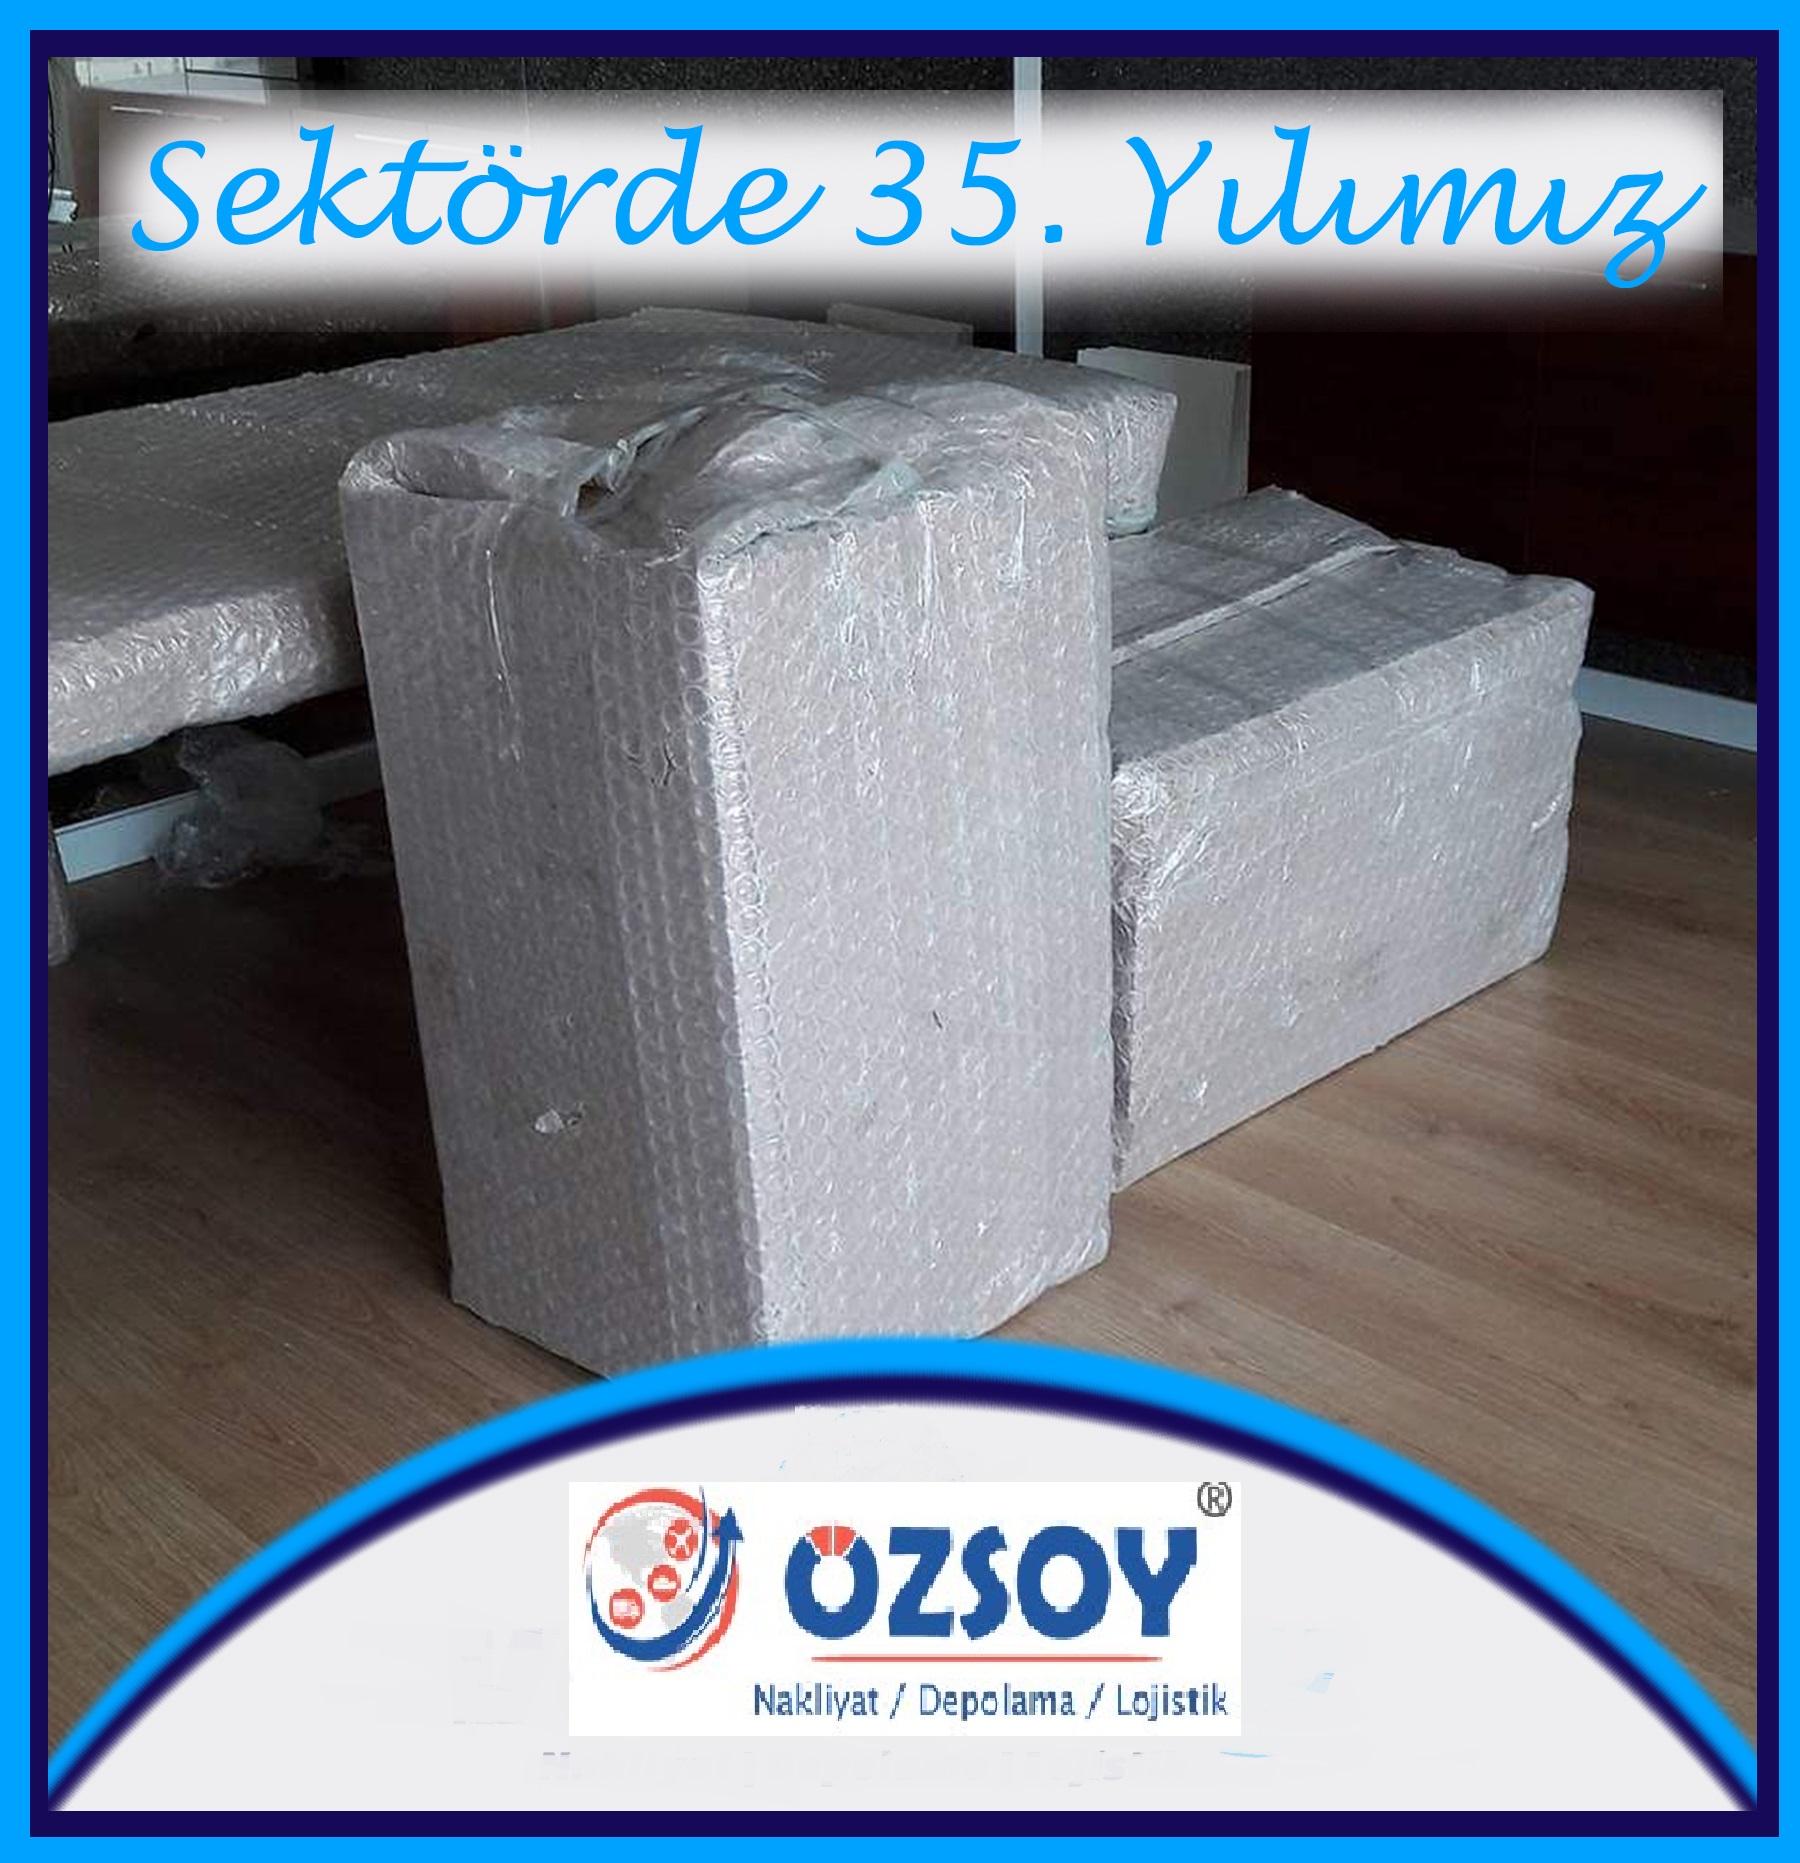 İstanbul genelinde istanbul evden eve nakliyat hizmeti sunan firmamız şehir içi ve şehirlerarası nakliyat konusunda profesyonel bir anlayışa sahiptir.